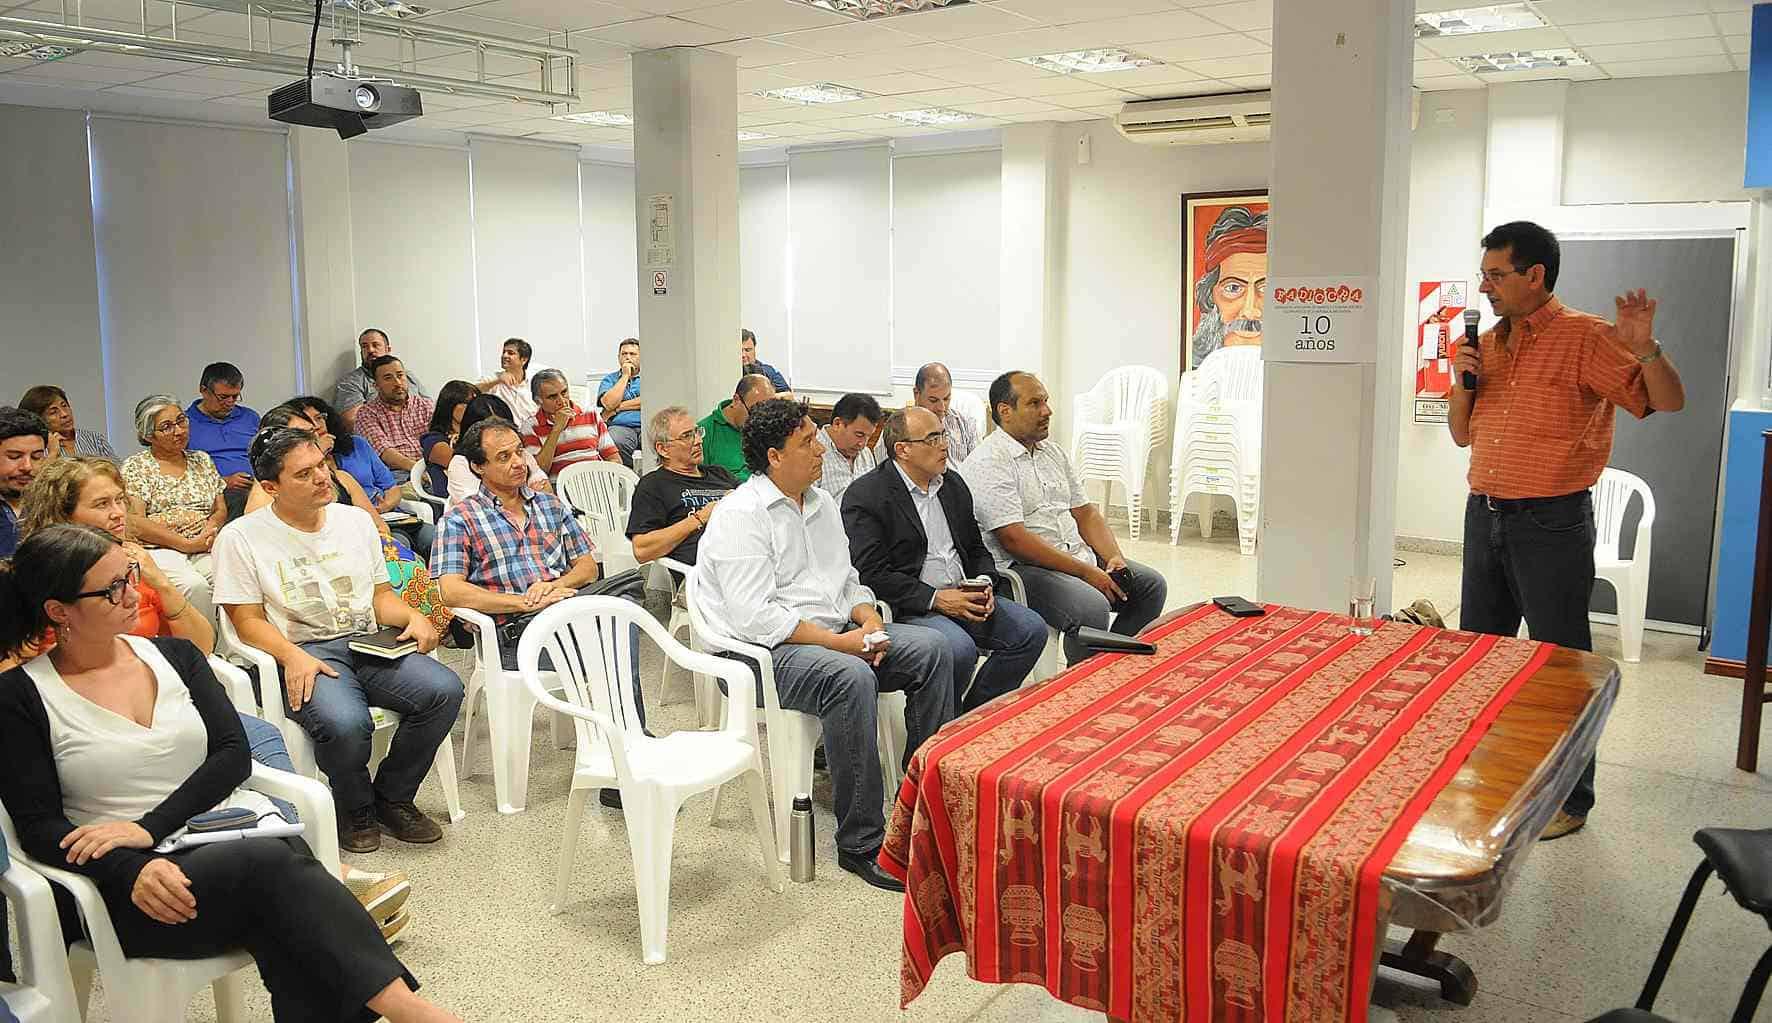 La Federación de Diarios Cooperativos debatió en La Rioja el rol de los medios regionales y la crisis del sector